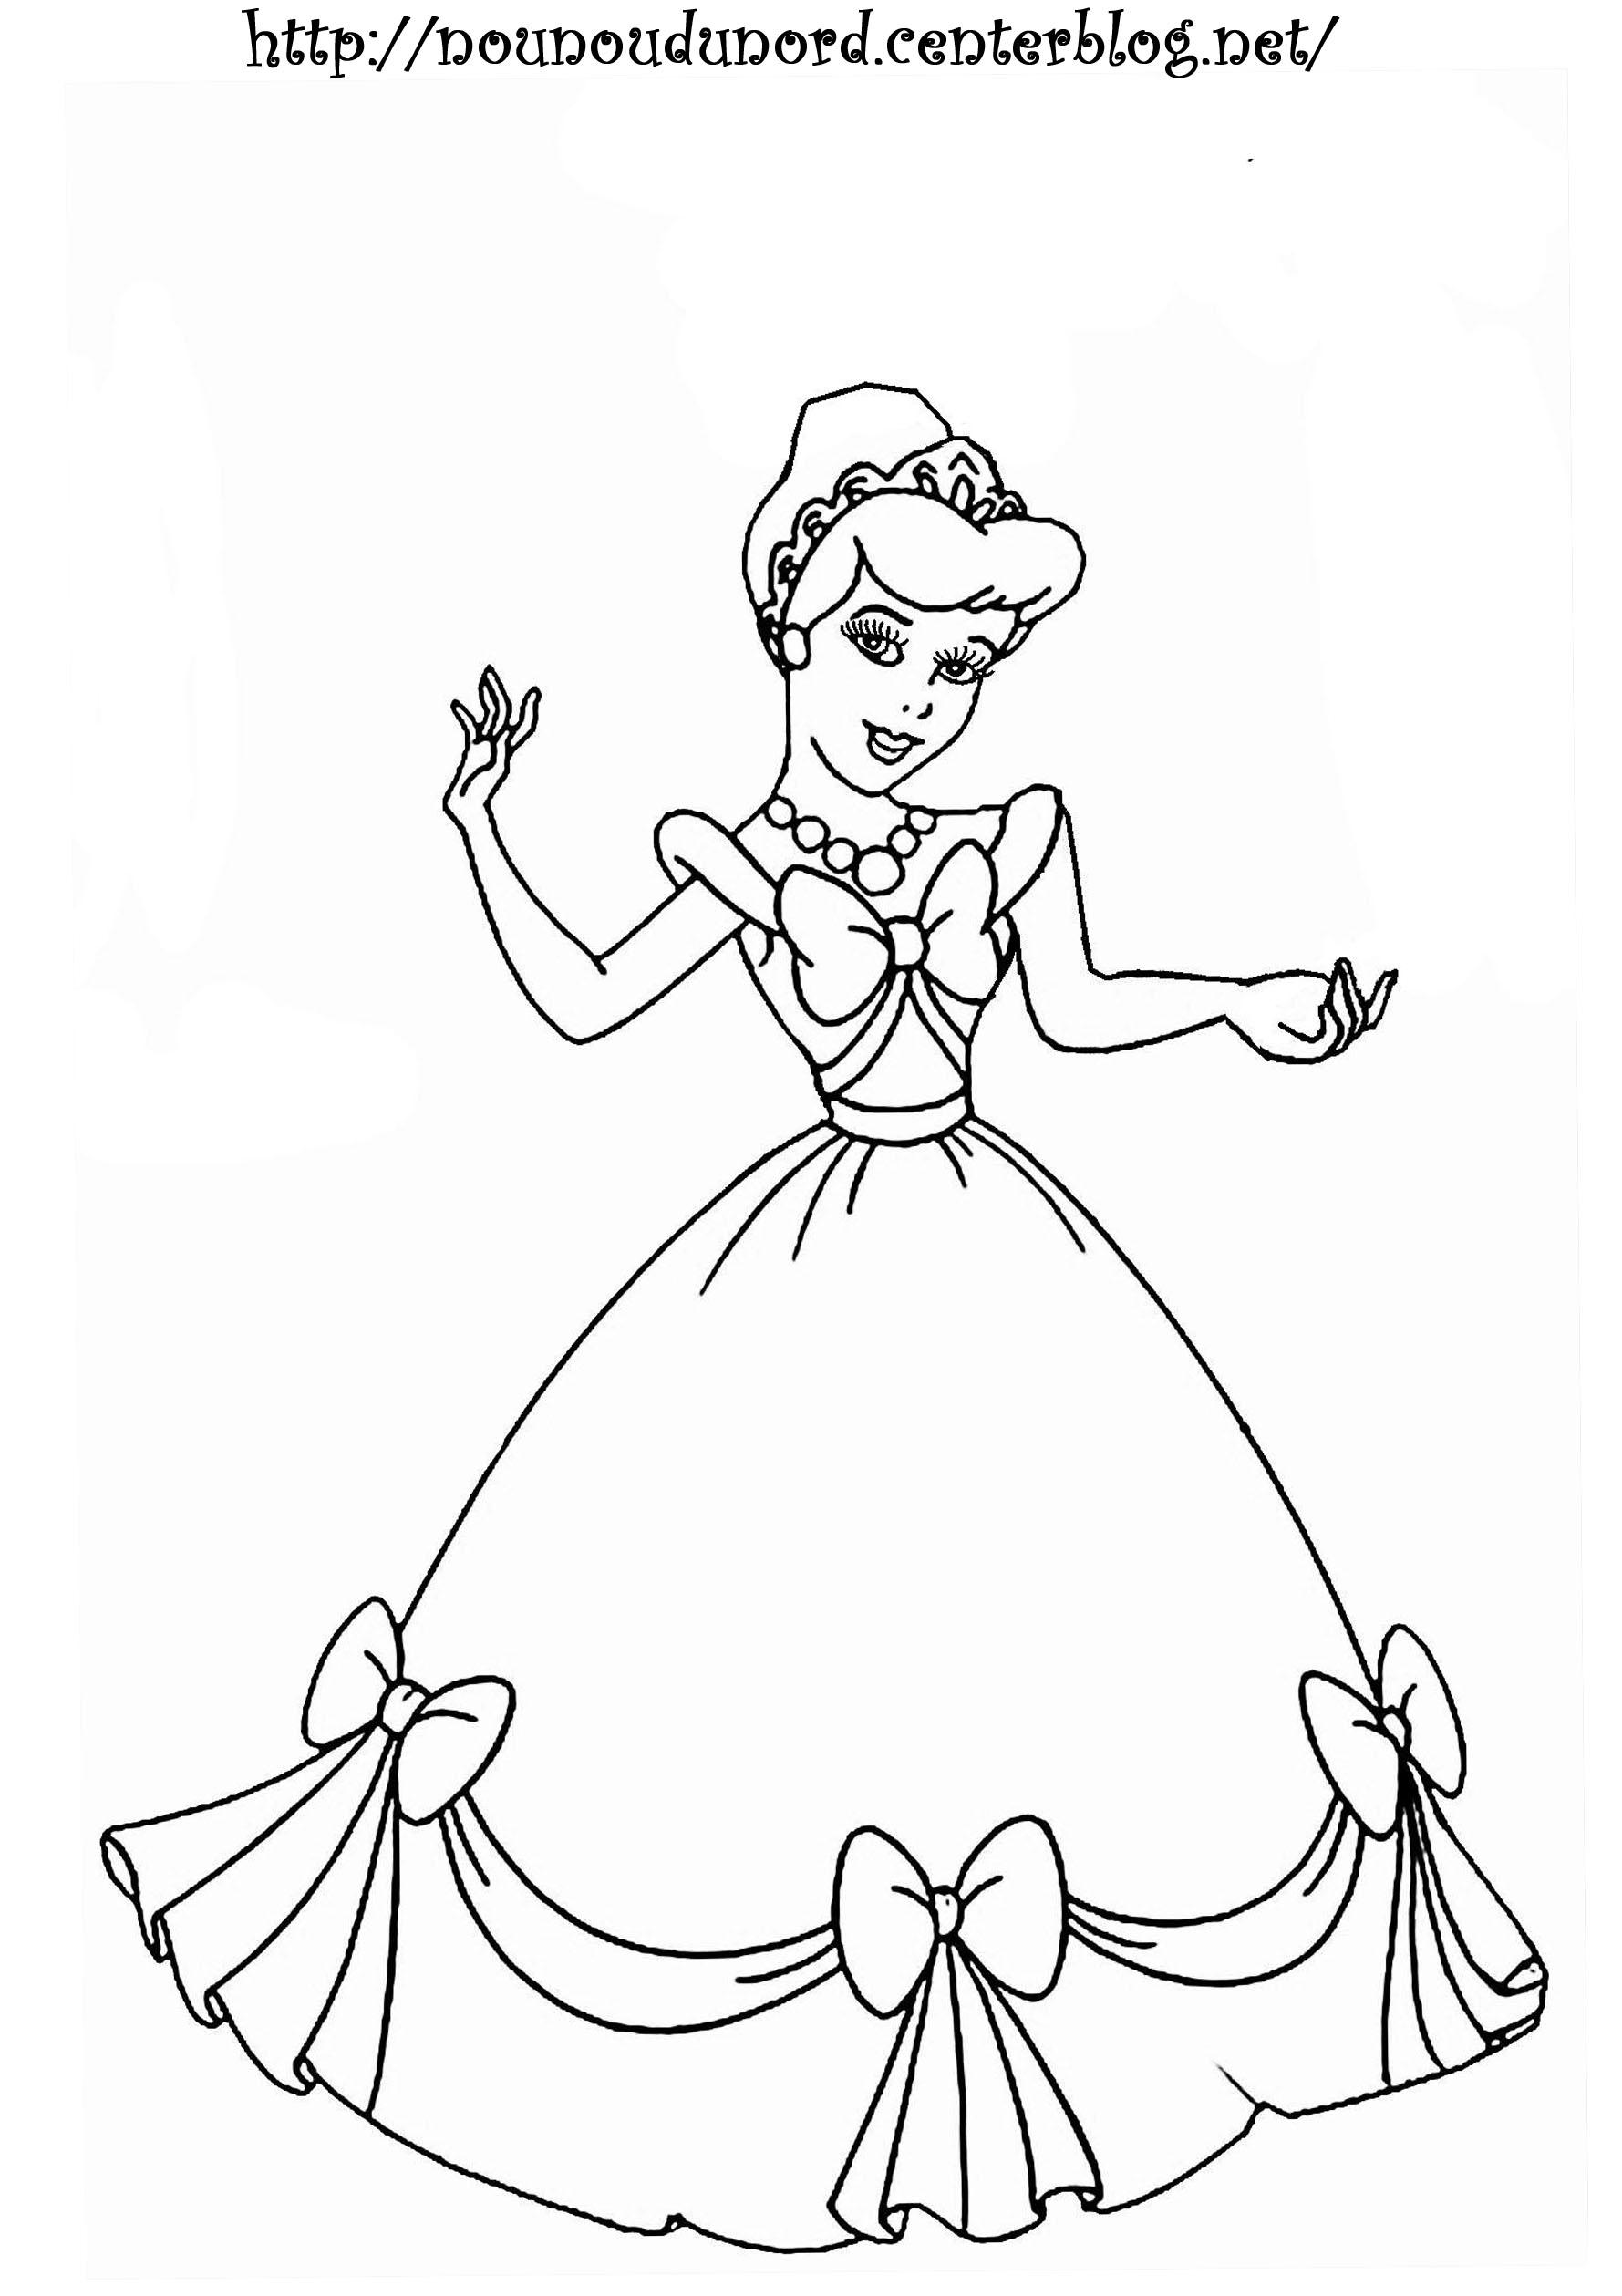 voir le dessin - Coloriage De Princesse En Ligne